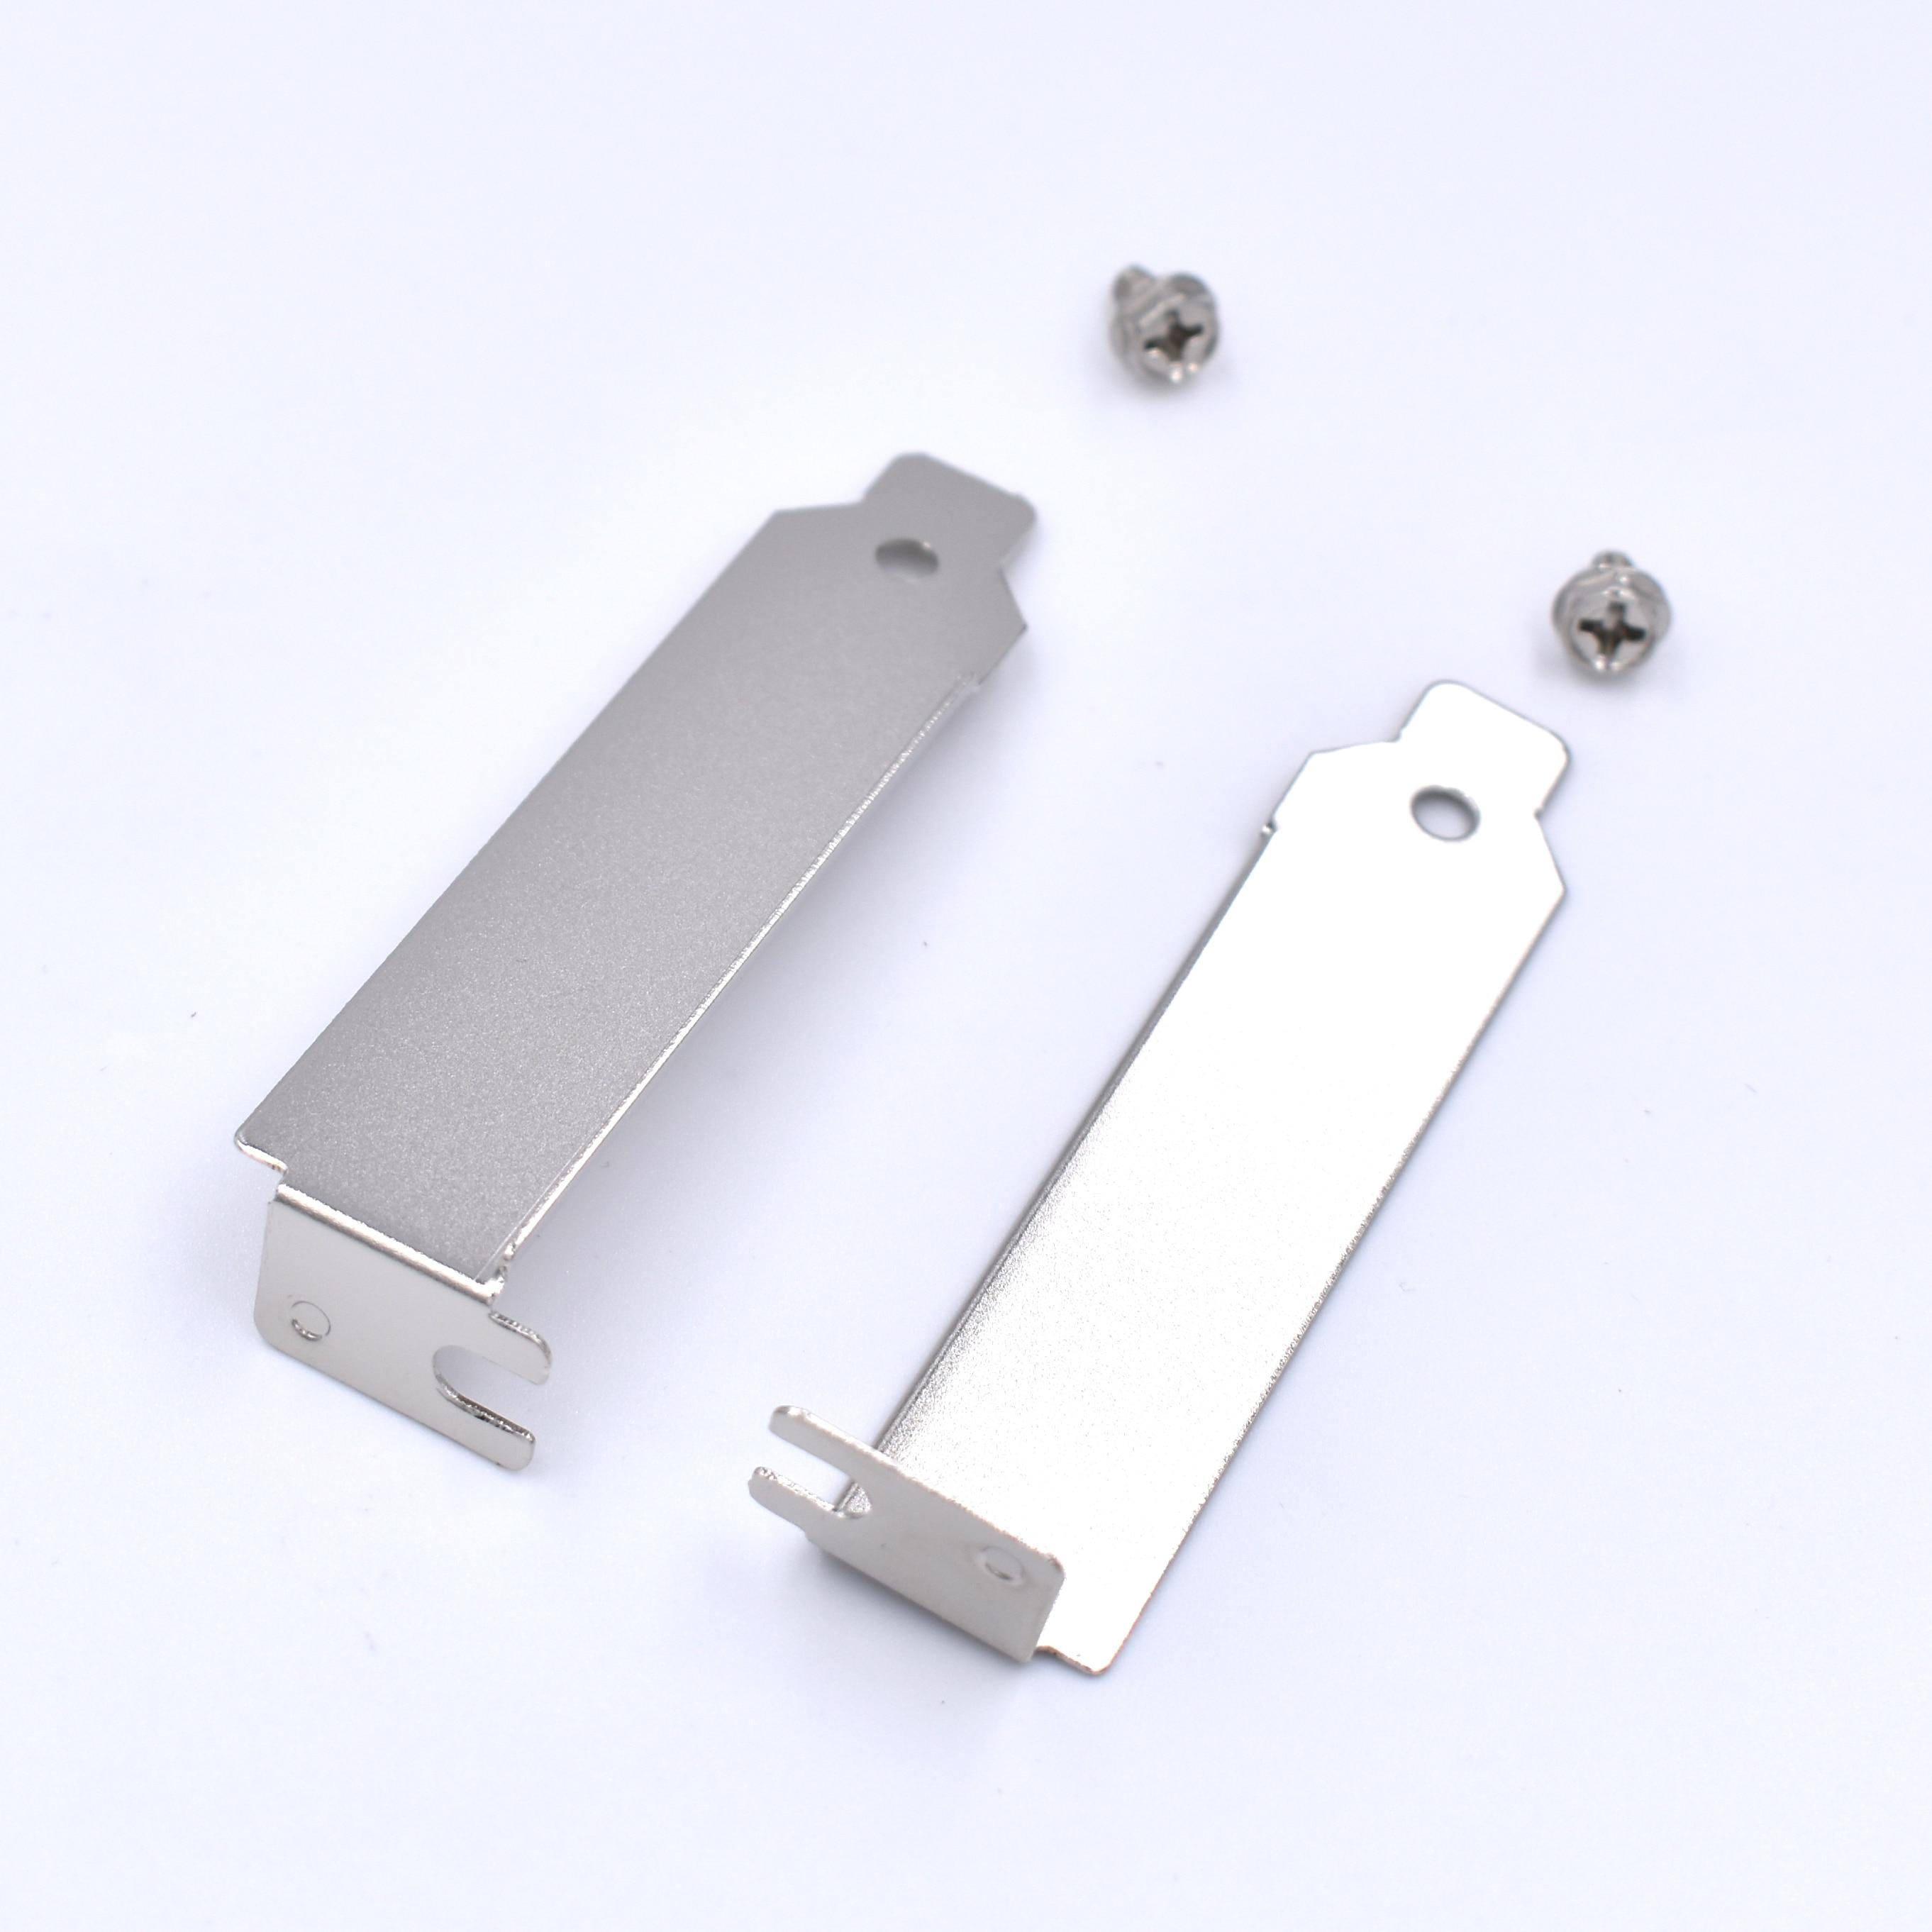 2 шт./лот низкопрофильный чехол ITX SFF задний слот PCI кронштейн 2U пустой наполнитель крышка пластина с винтом